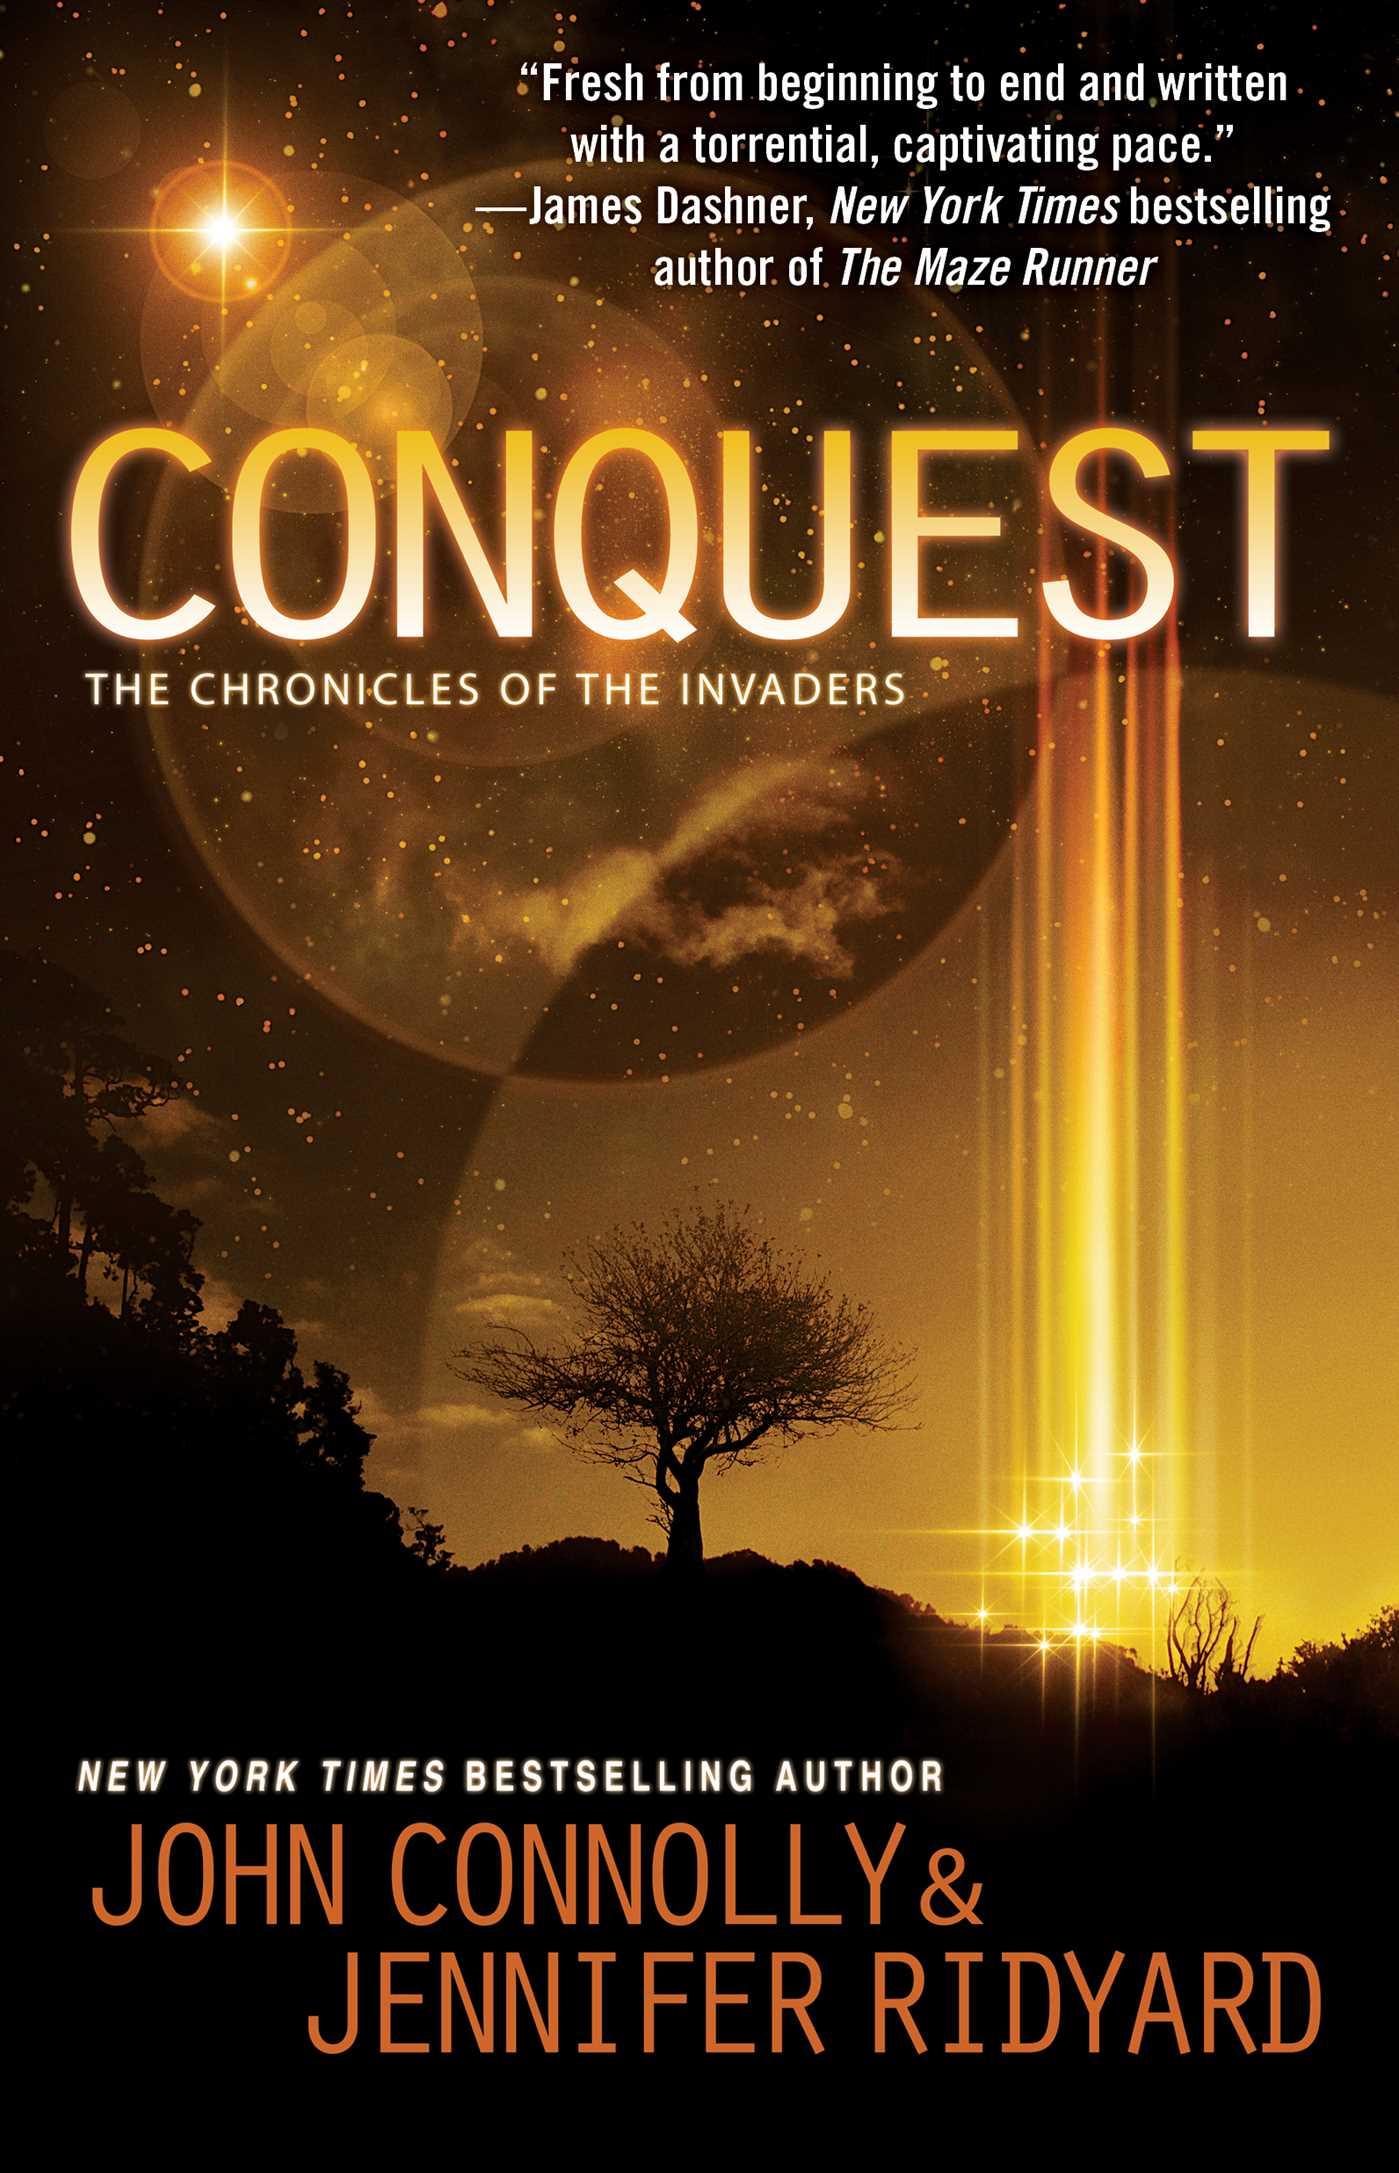 Conquest 9781476757131 hr